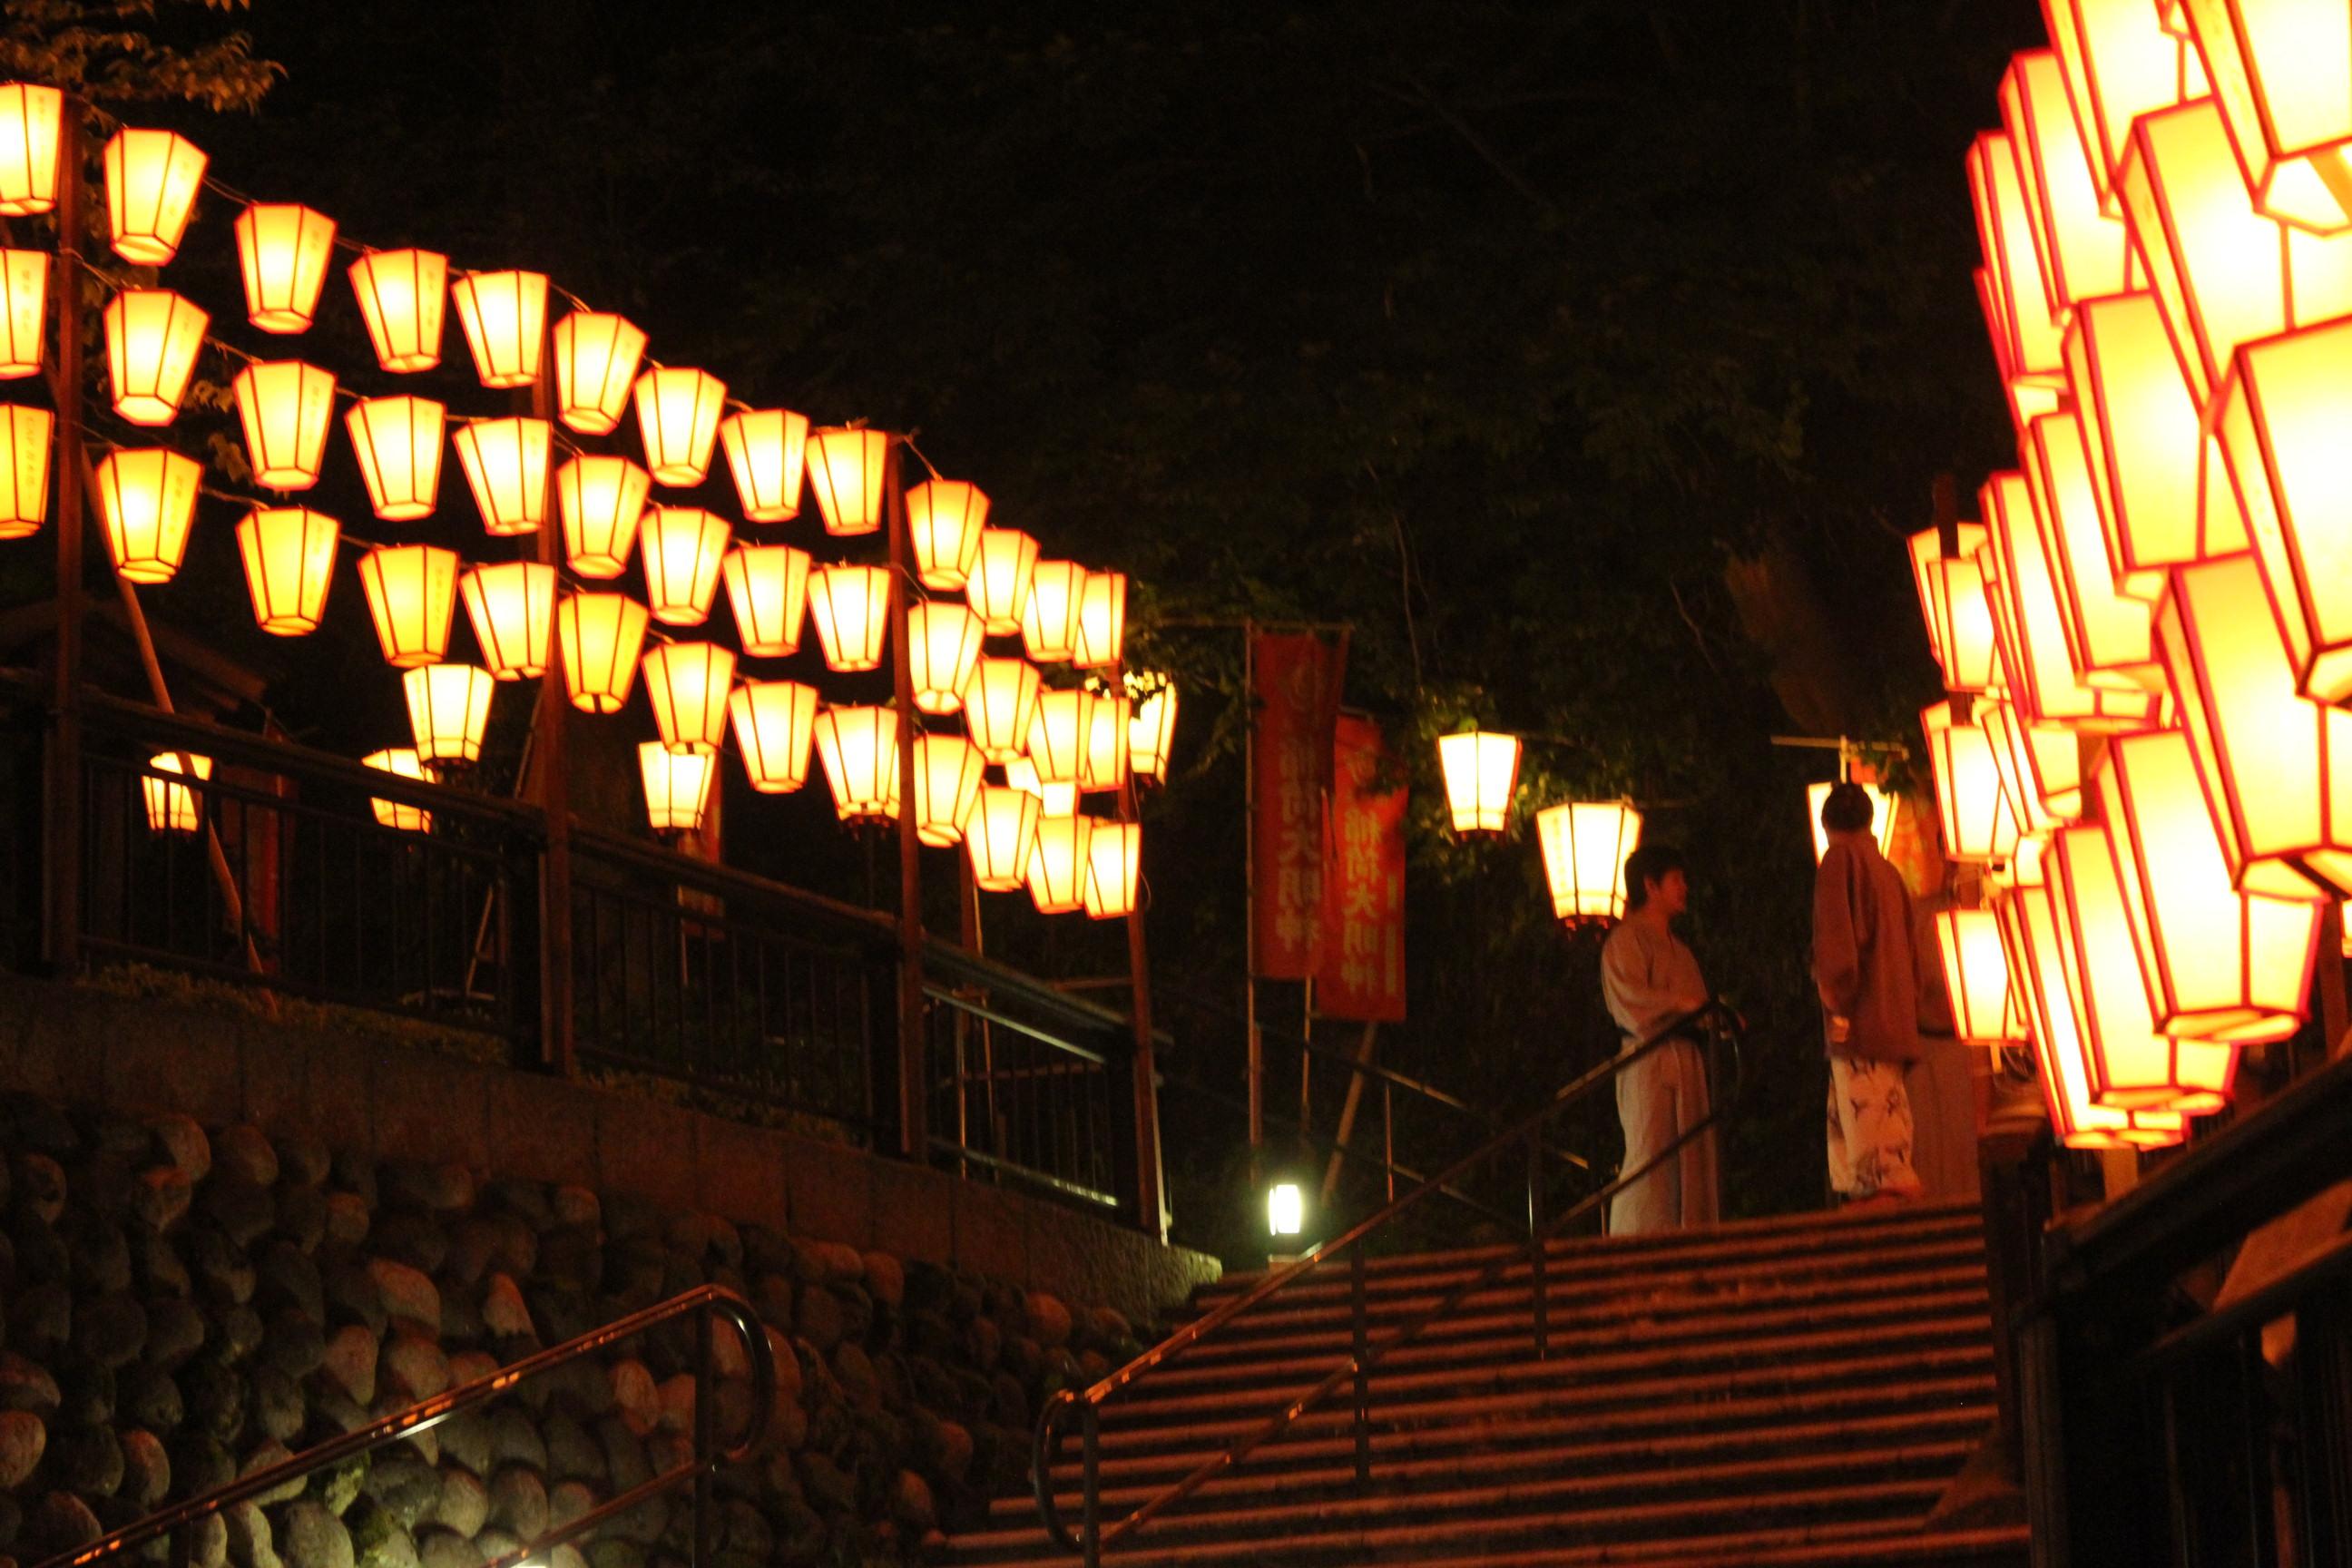 ぼんぼり祭り 点灯式 1